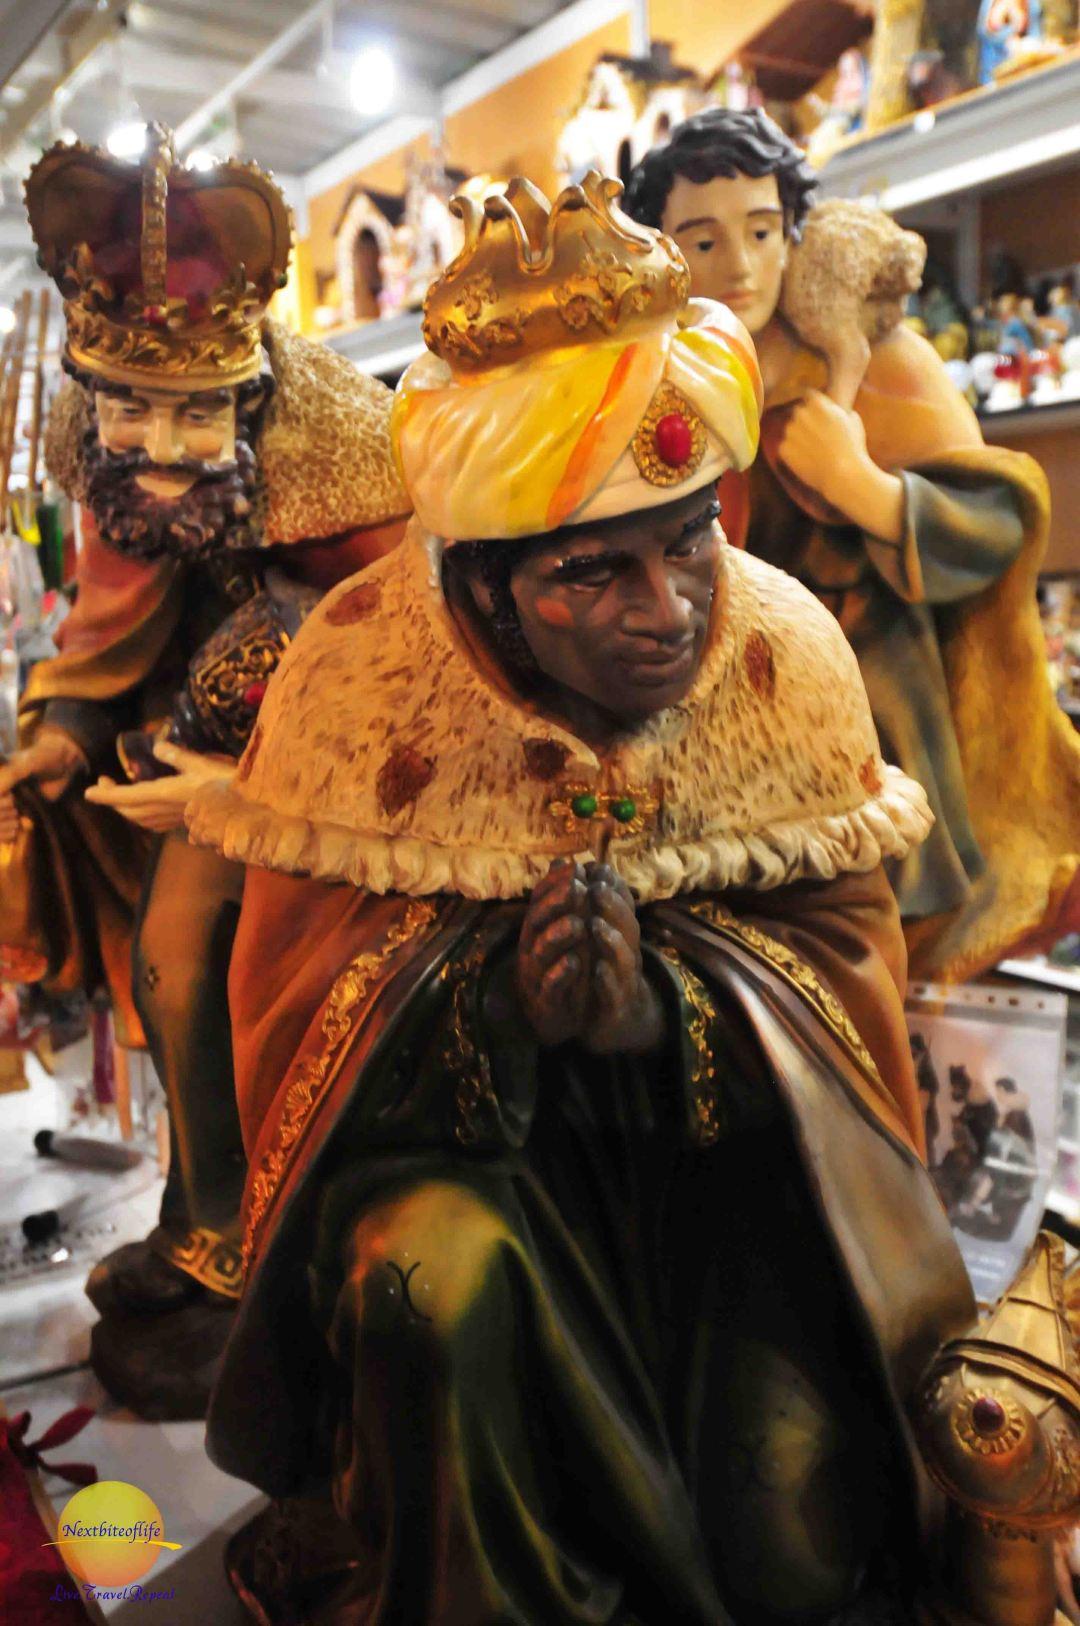 christmas in seville - 3 wise men